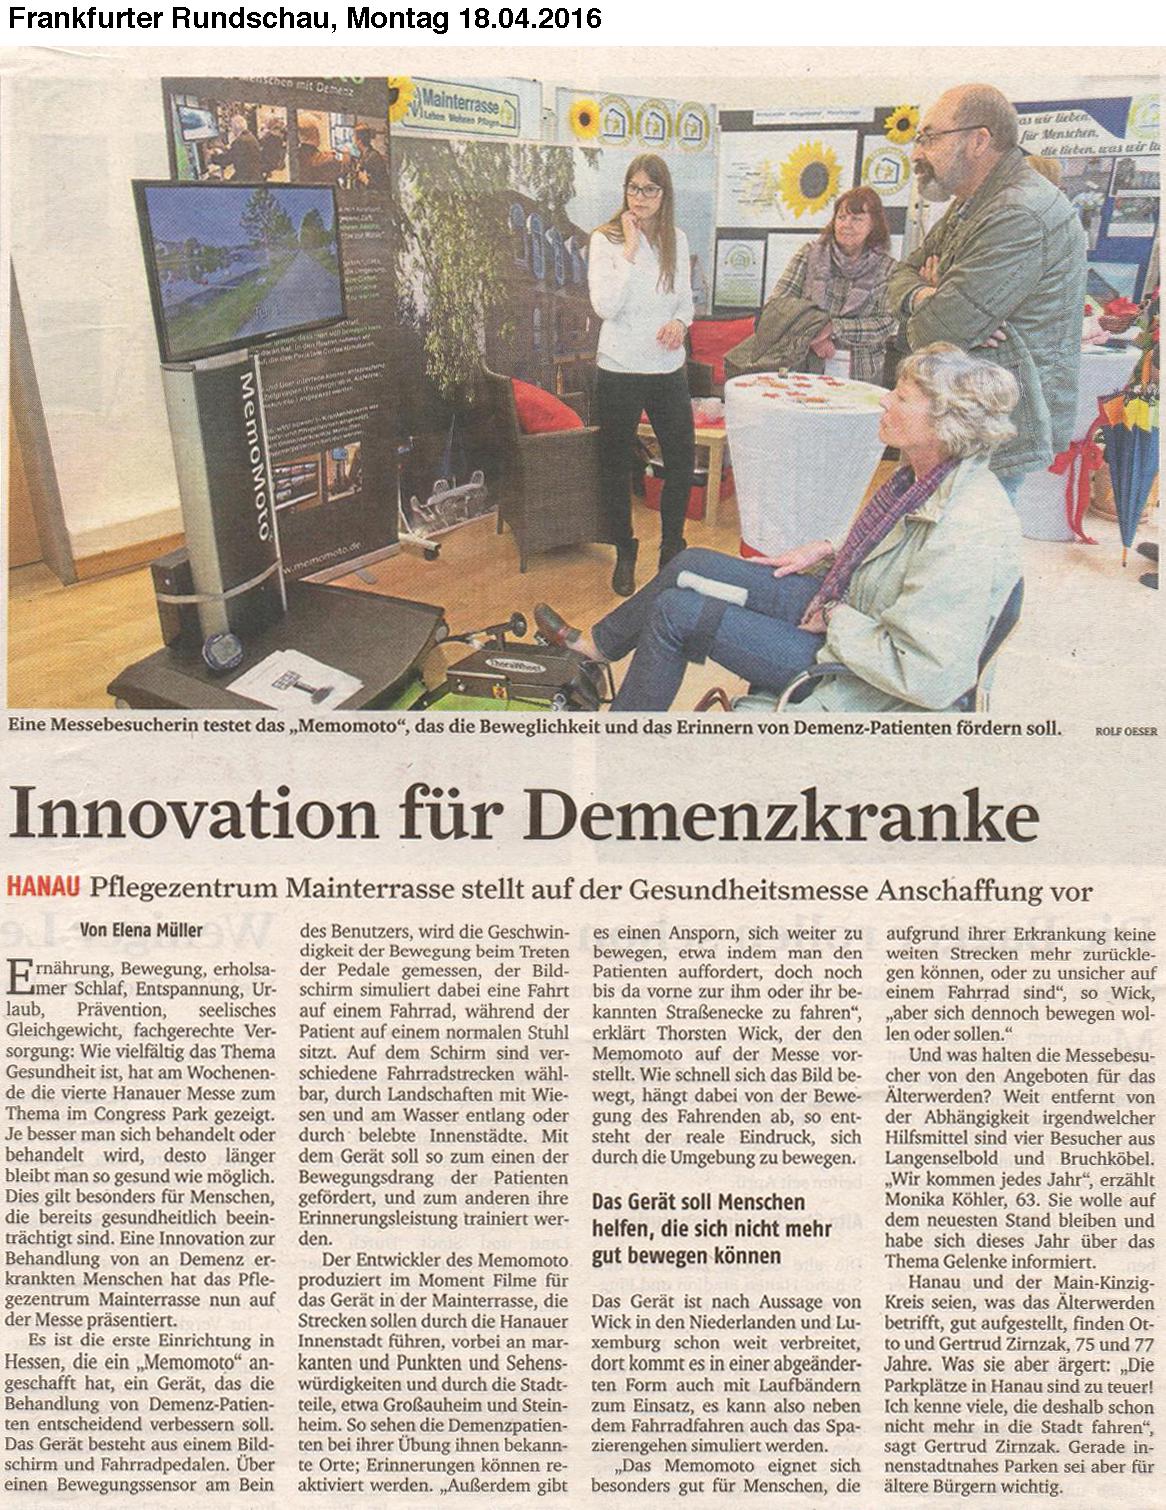 Frankfurter Rundschau mit Beschriftung 18-04-2016